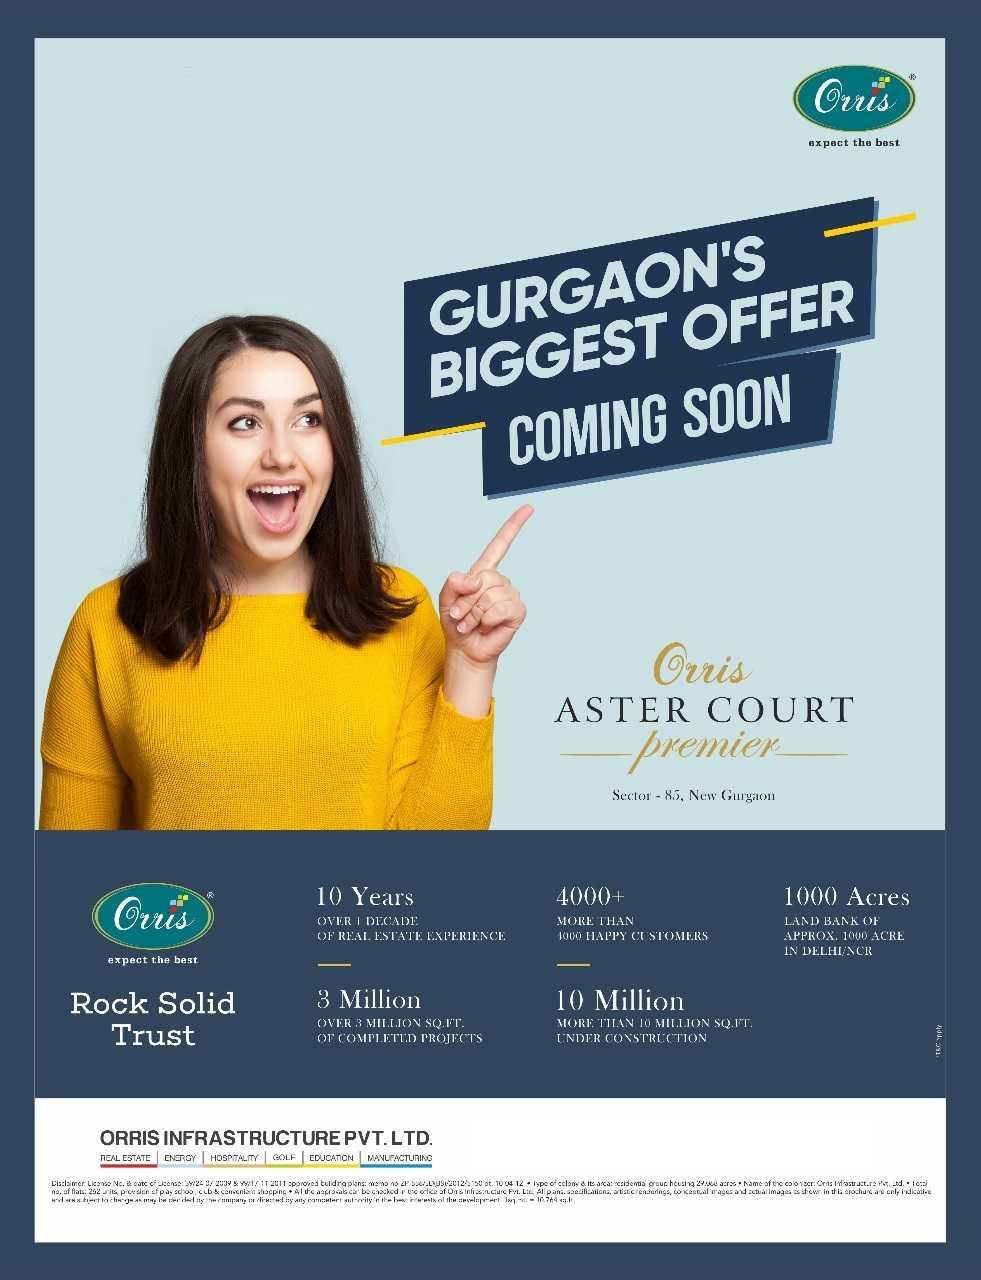 Gurgaon S Biggest Offer Coming Soon At Orris Aster Court Premier Zricks Com